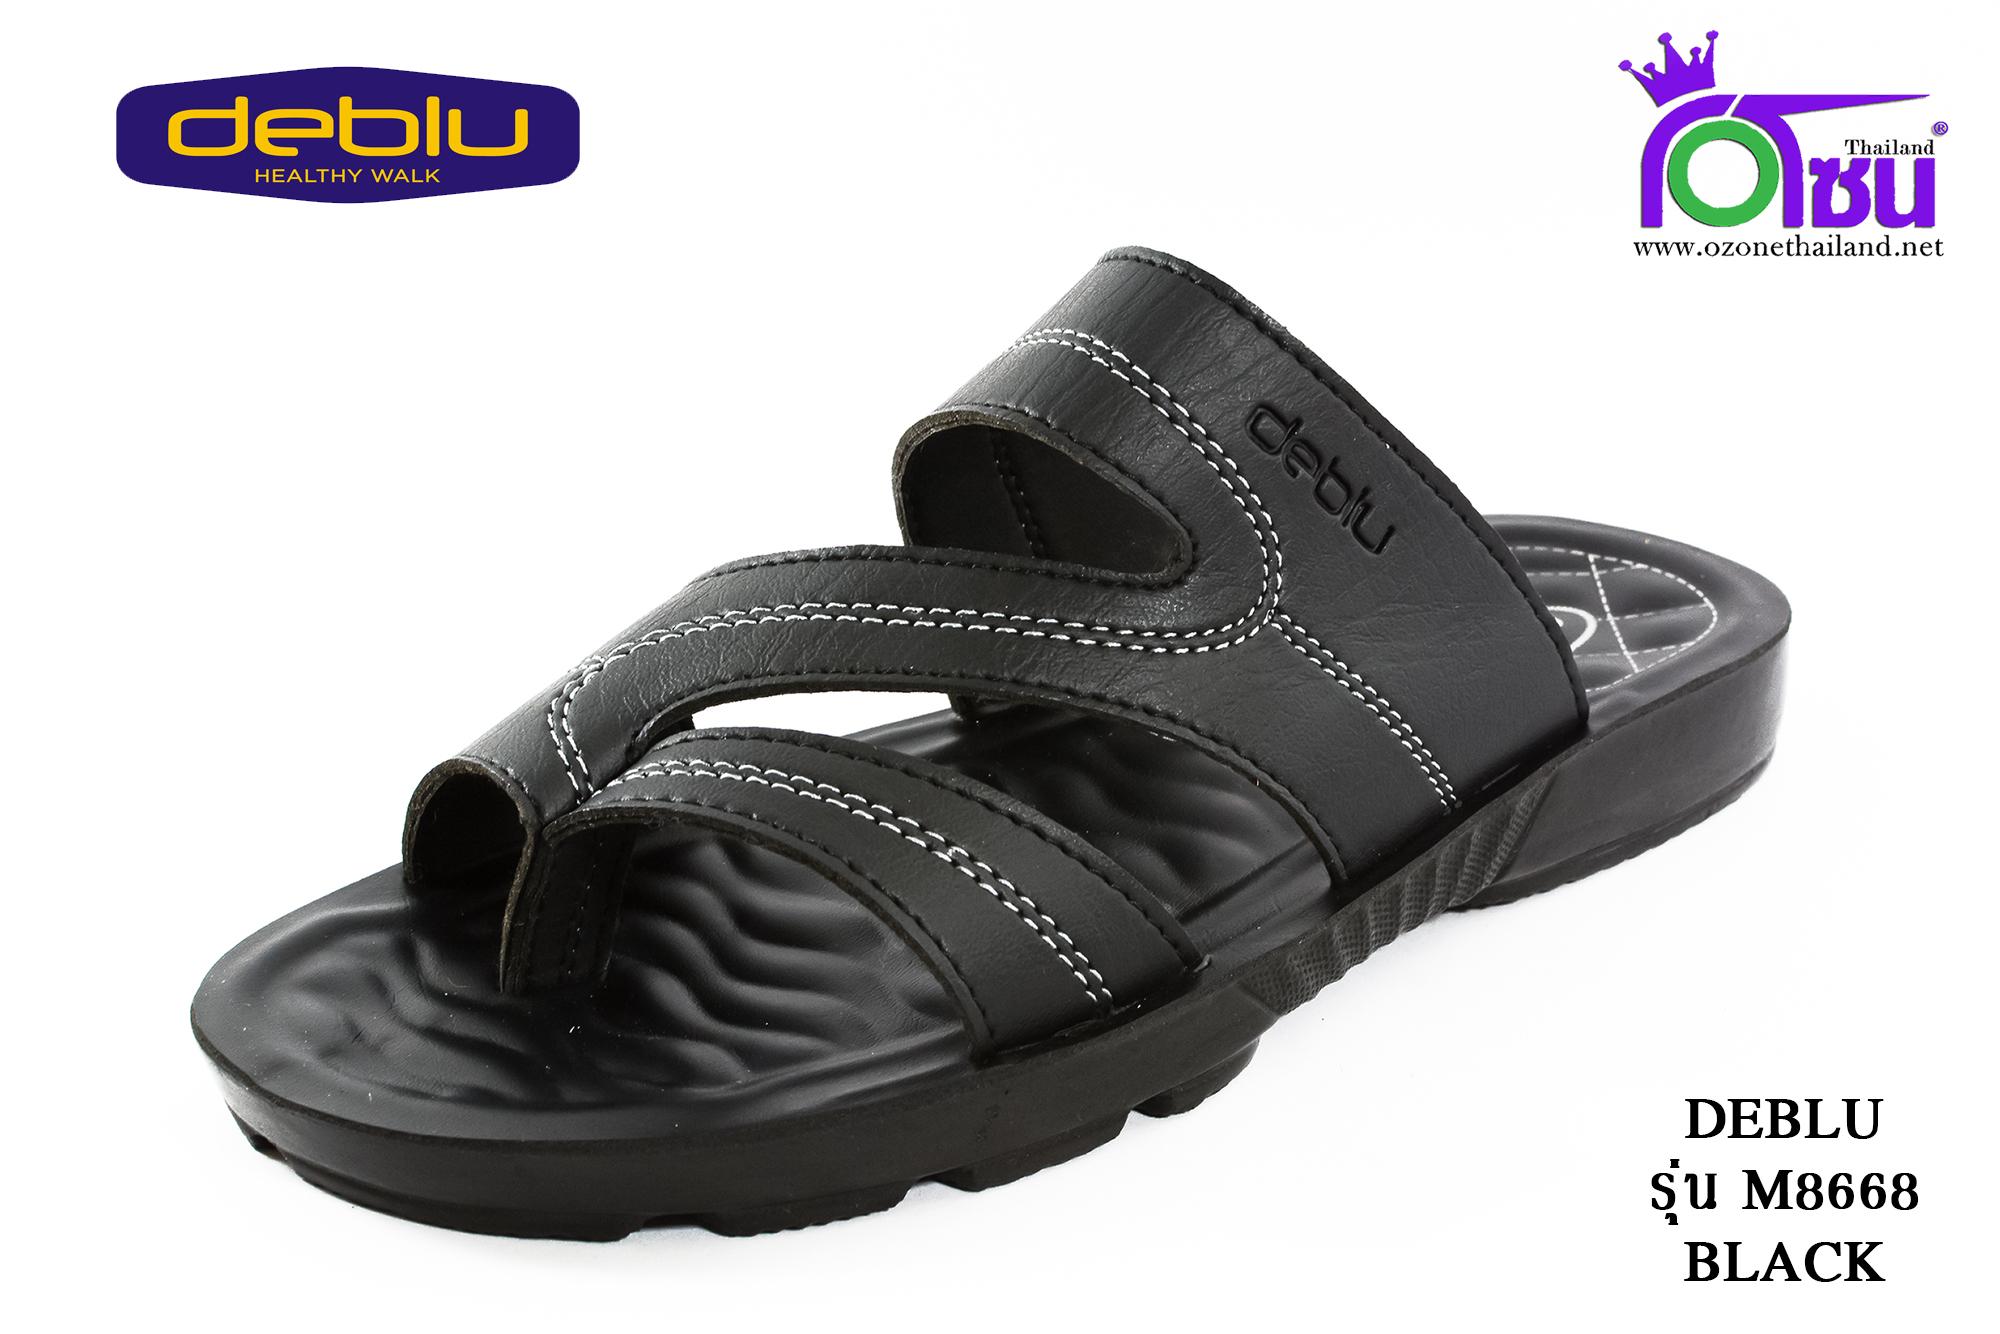 รองเท้าเพื่อสุขภาพ DEBLU เดอบลู รุ่น M8668 สีดำ เบอร์ 39-44